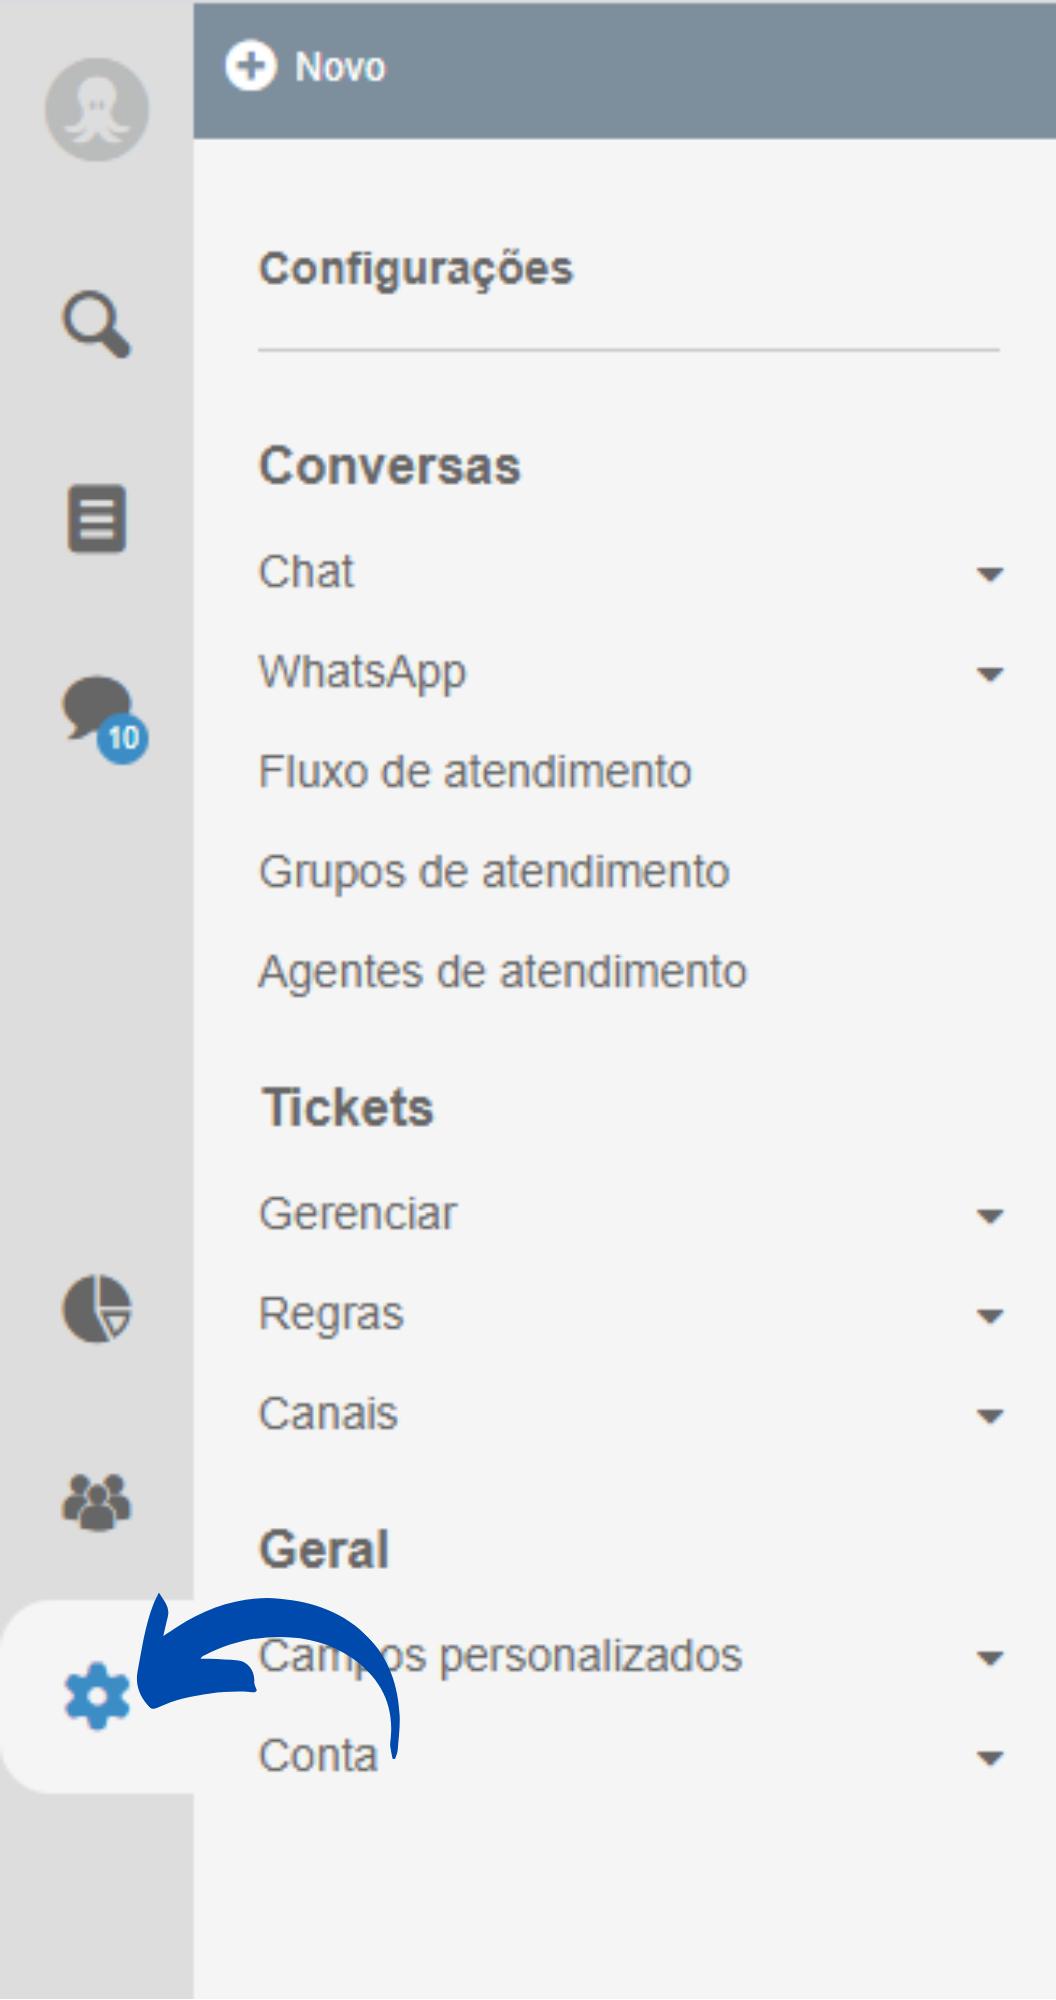 Configurações do Octadesk para criar o chatbot WhatsApp